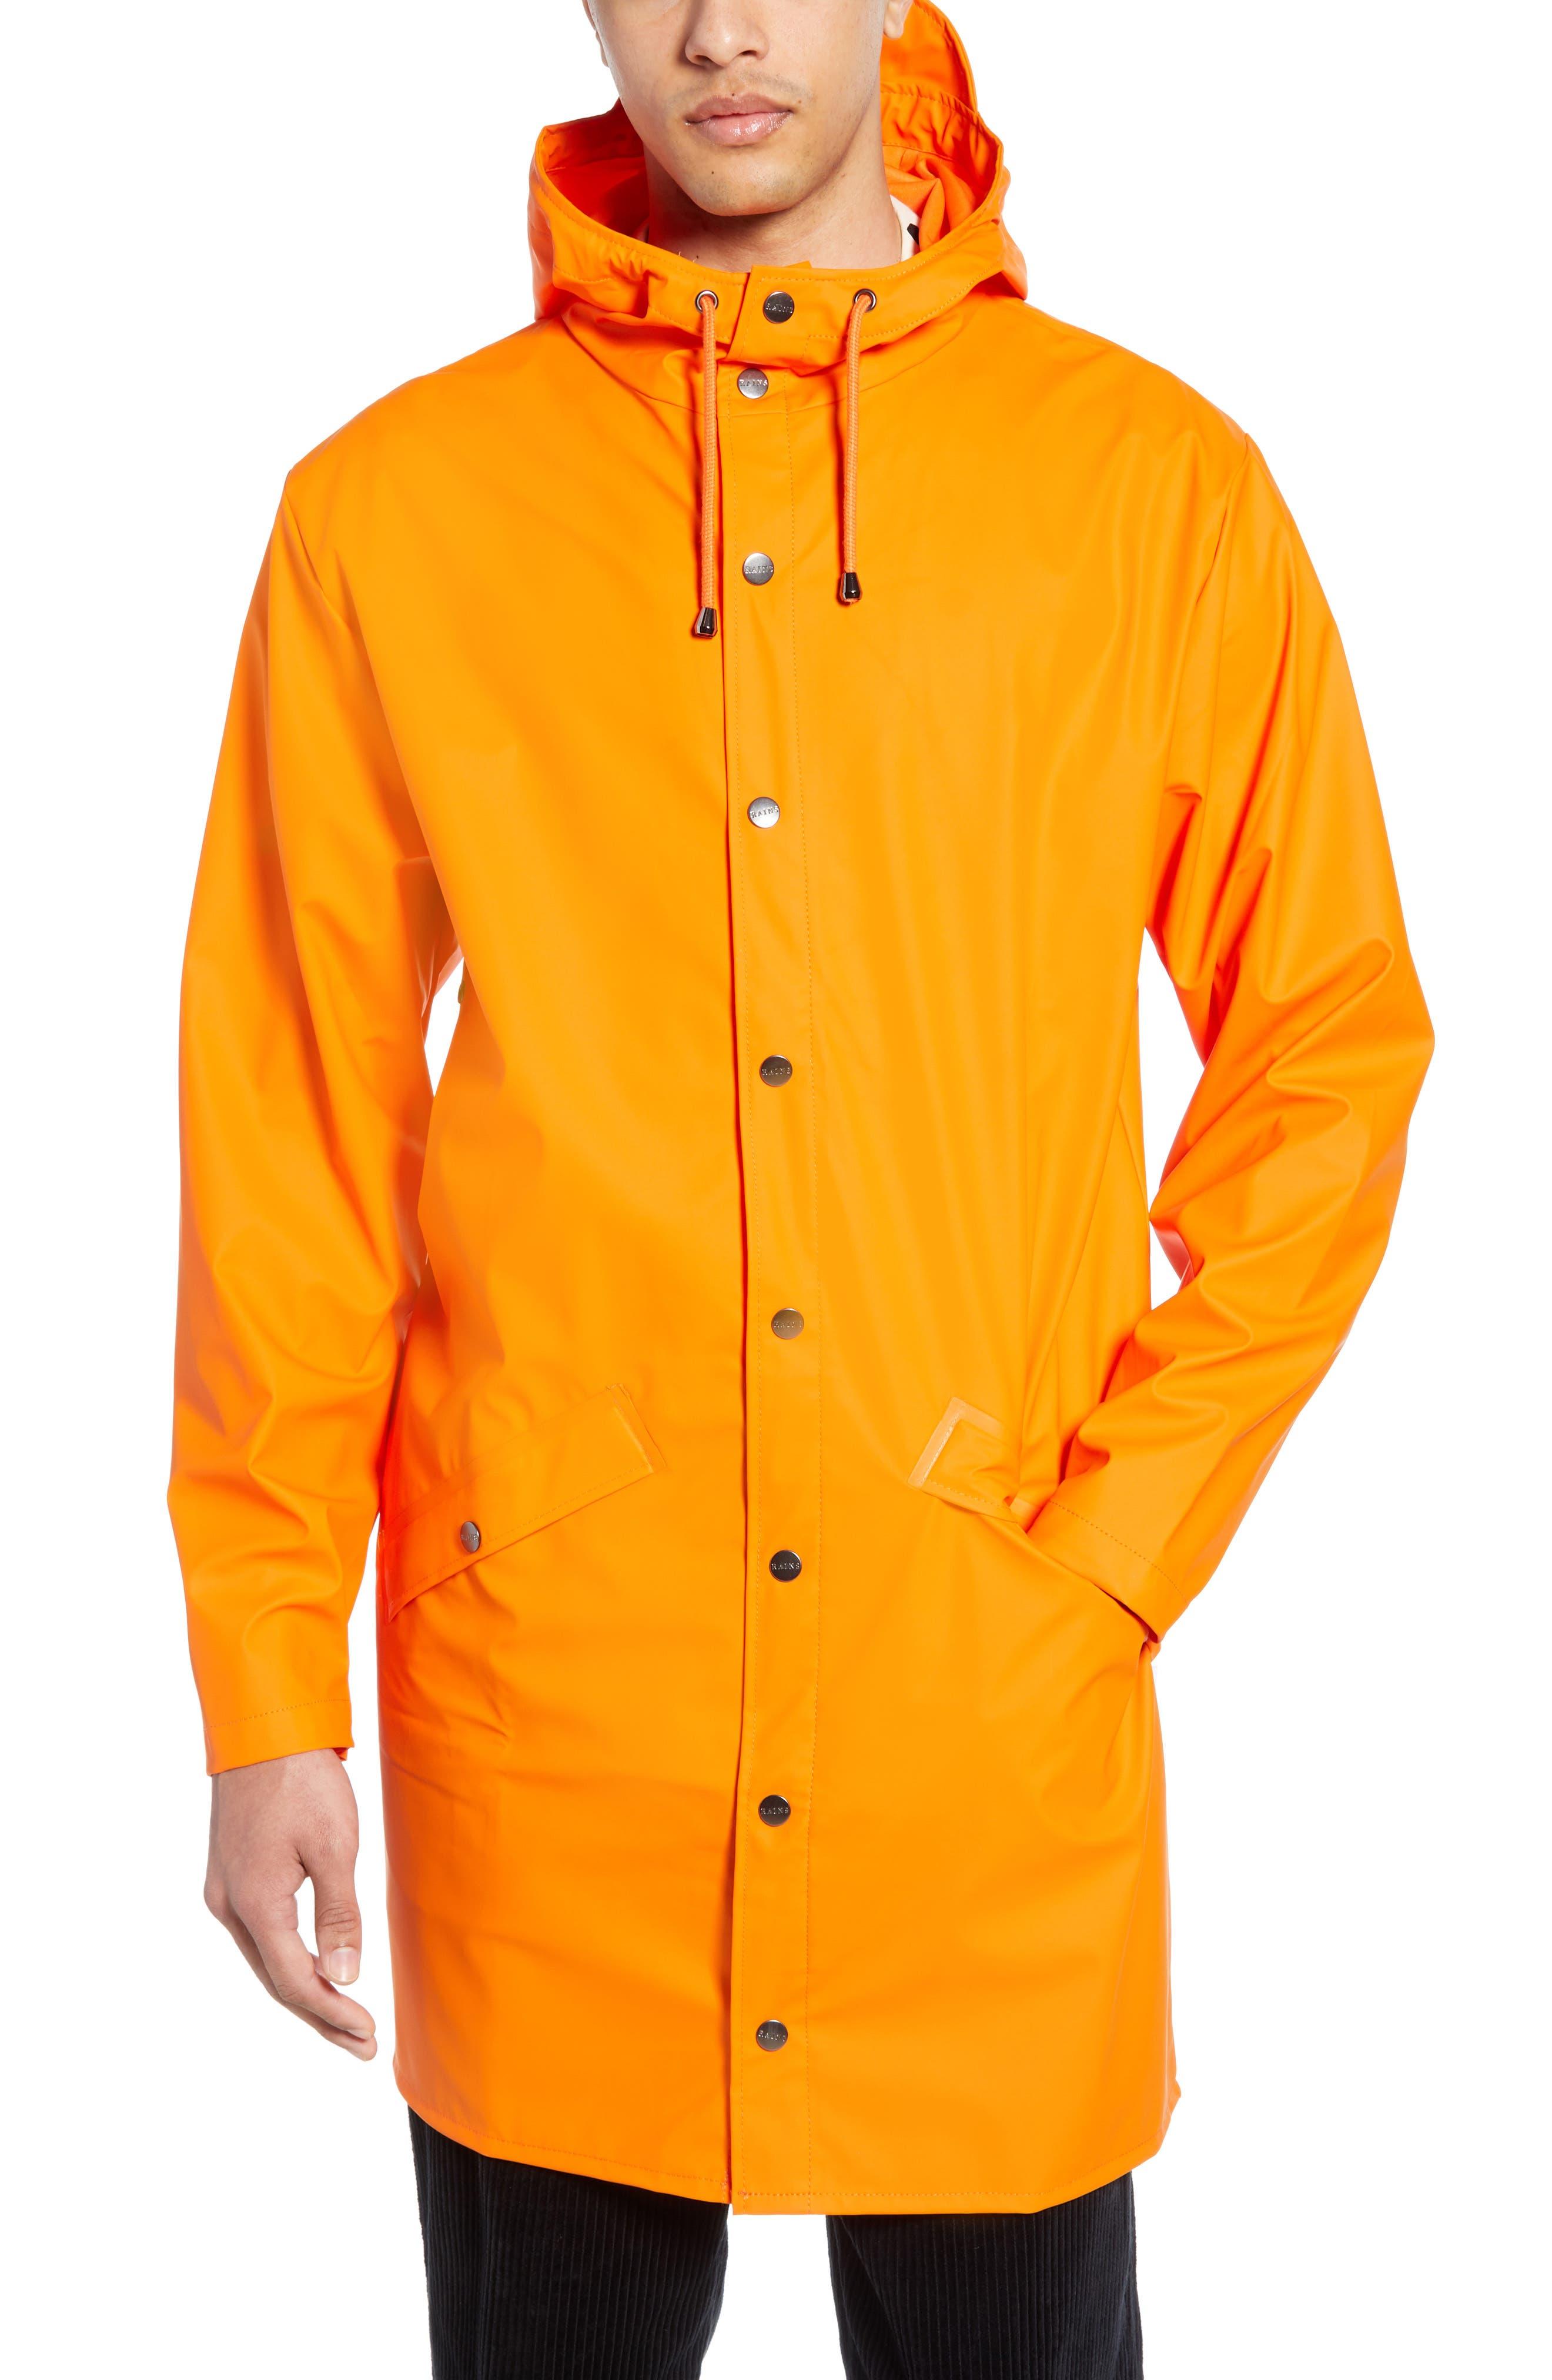 Rains Waterproof Hooded Long Rain Jacket, Orange